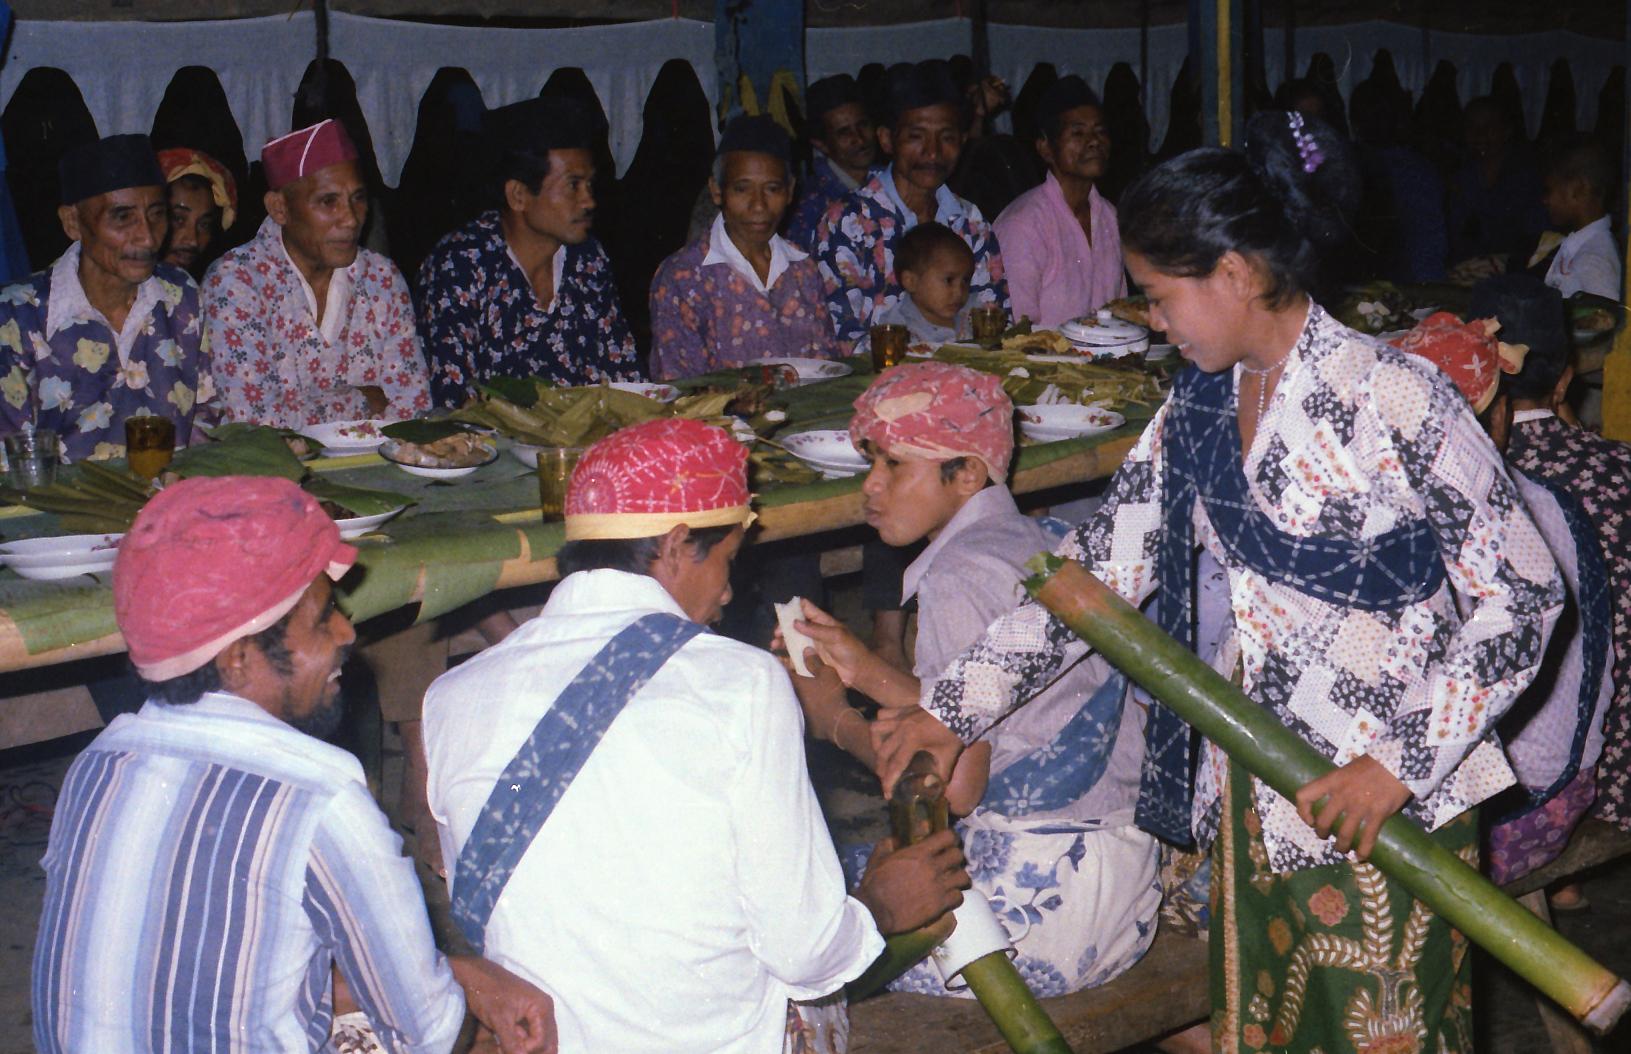 City of Cultures Festival Indonesië Kick Off 8 april Leontine Visser Feest in de Noord Molukken